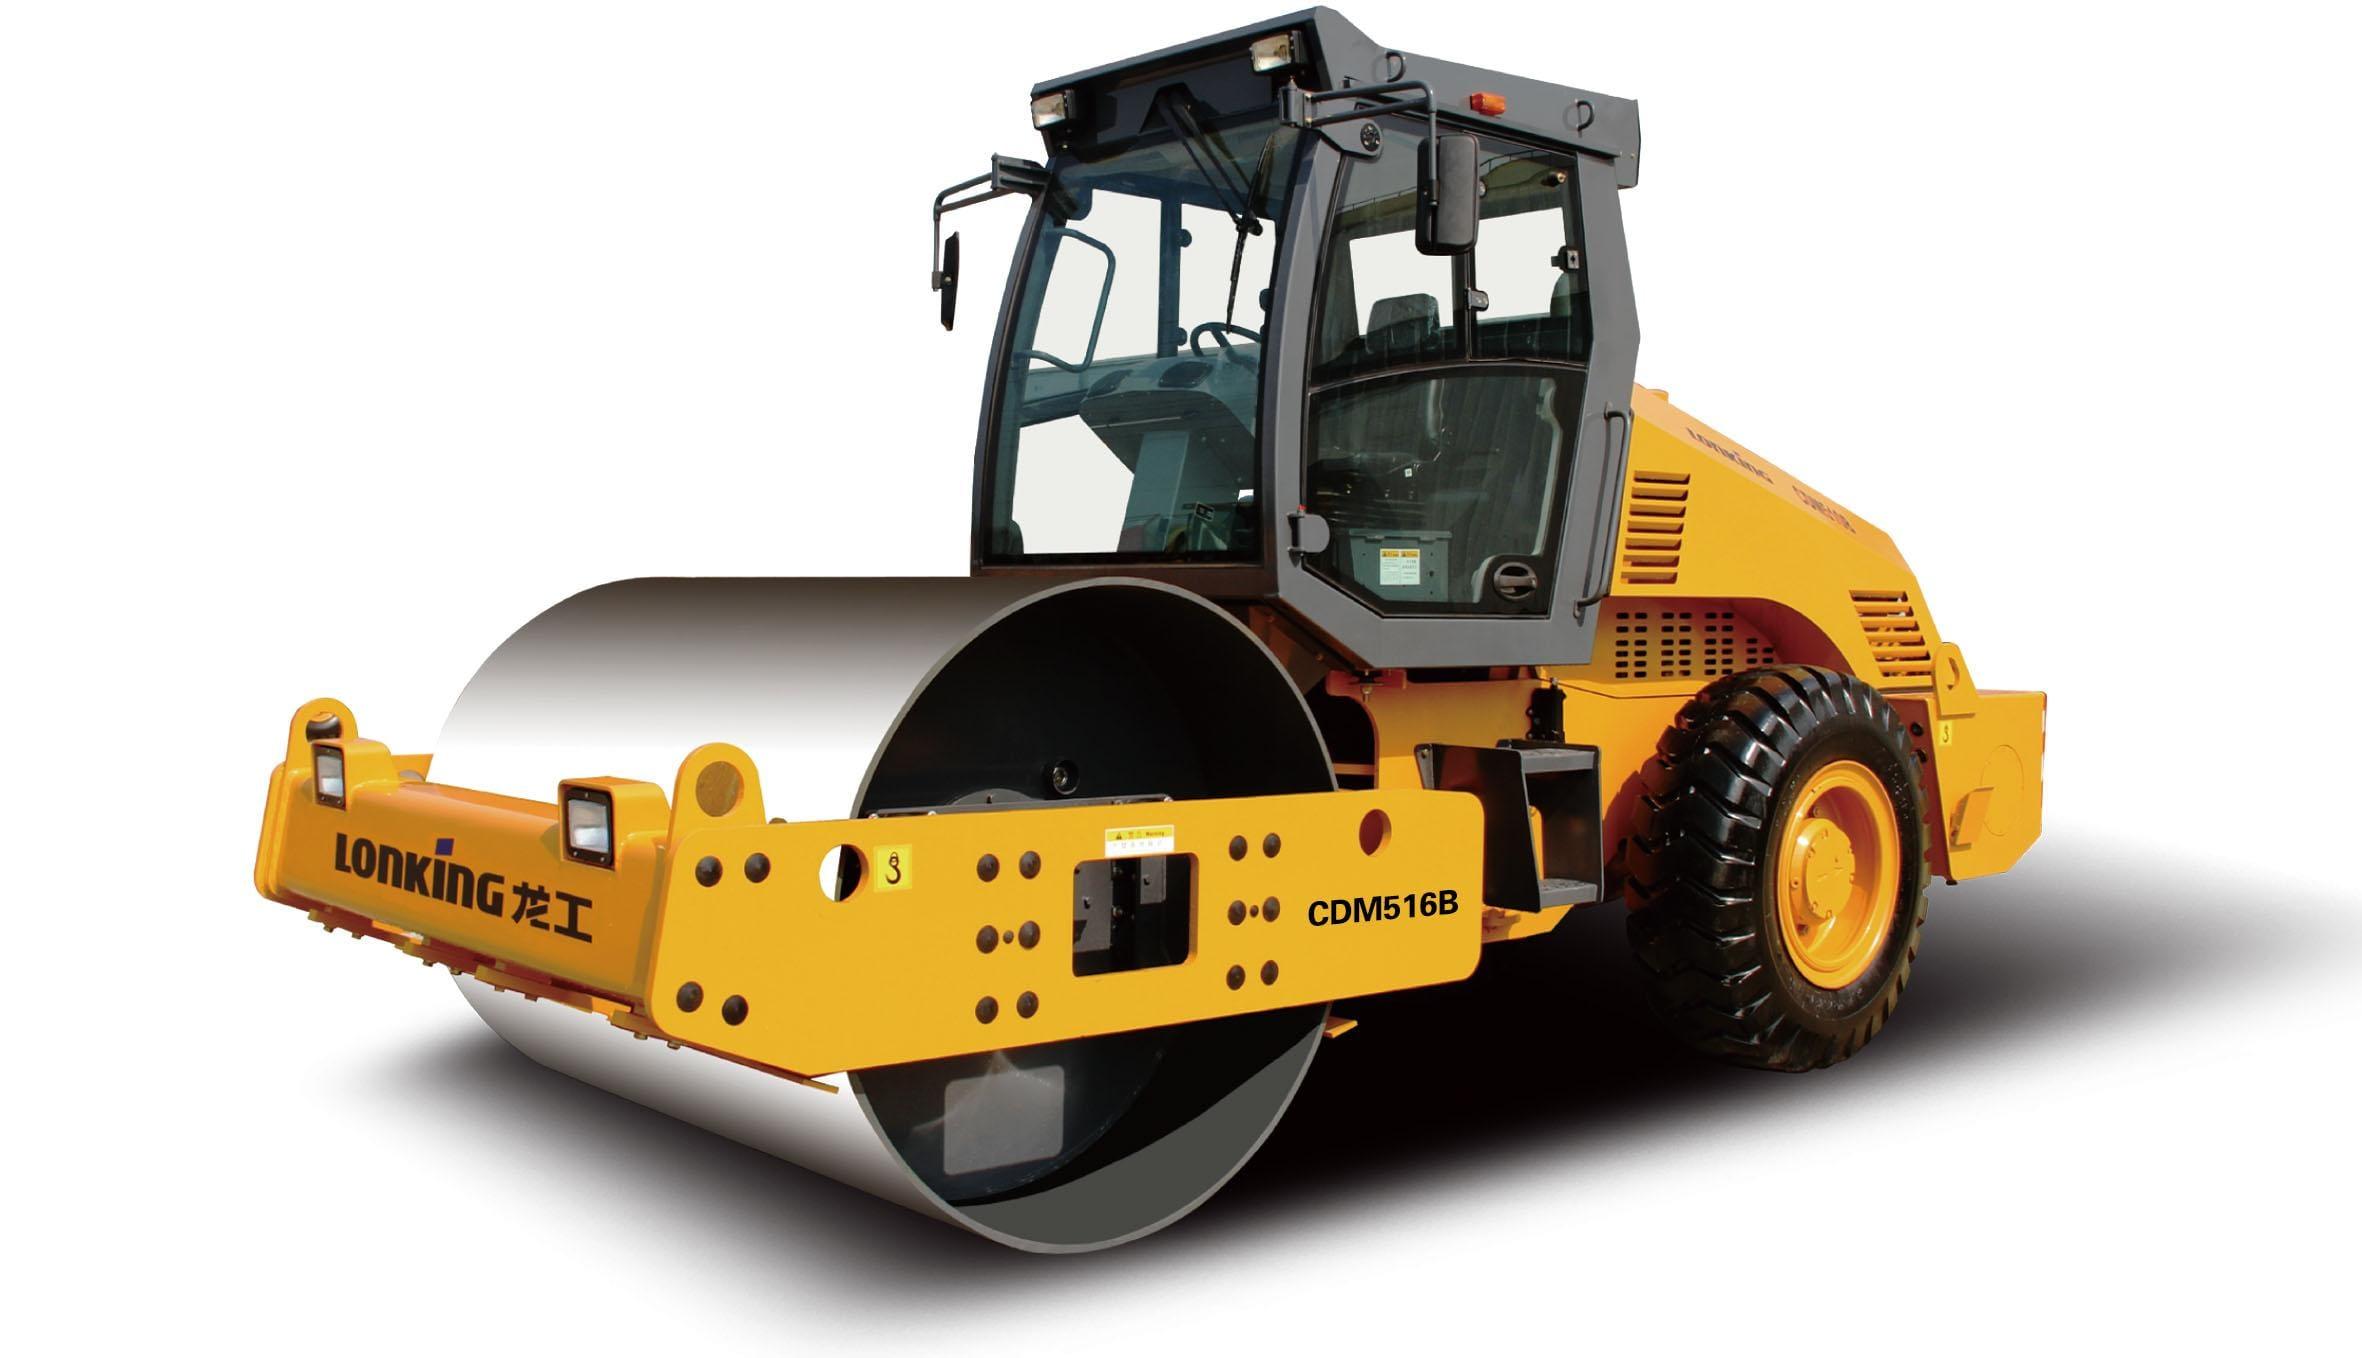 Cilindru compactor CDM516B